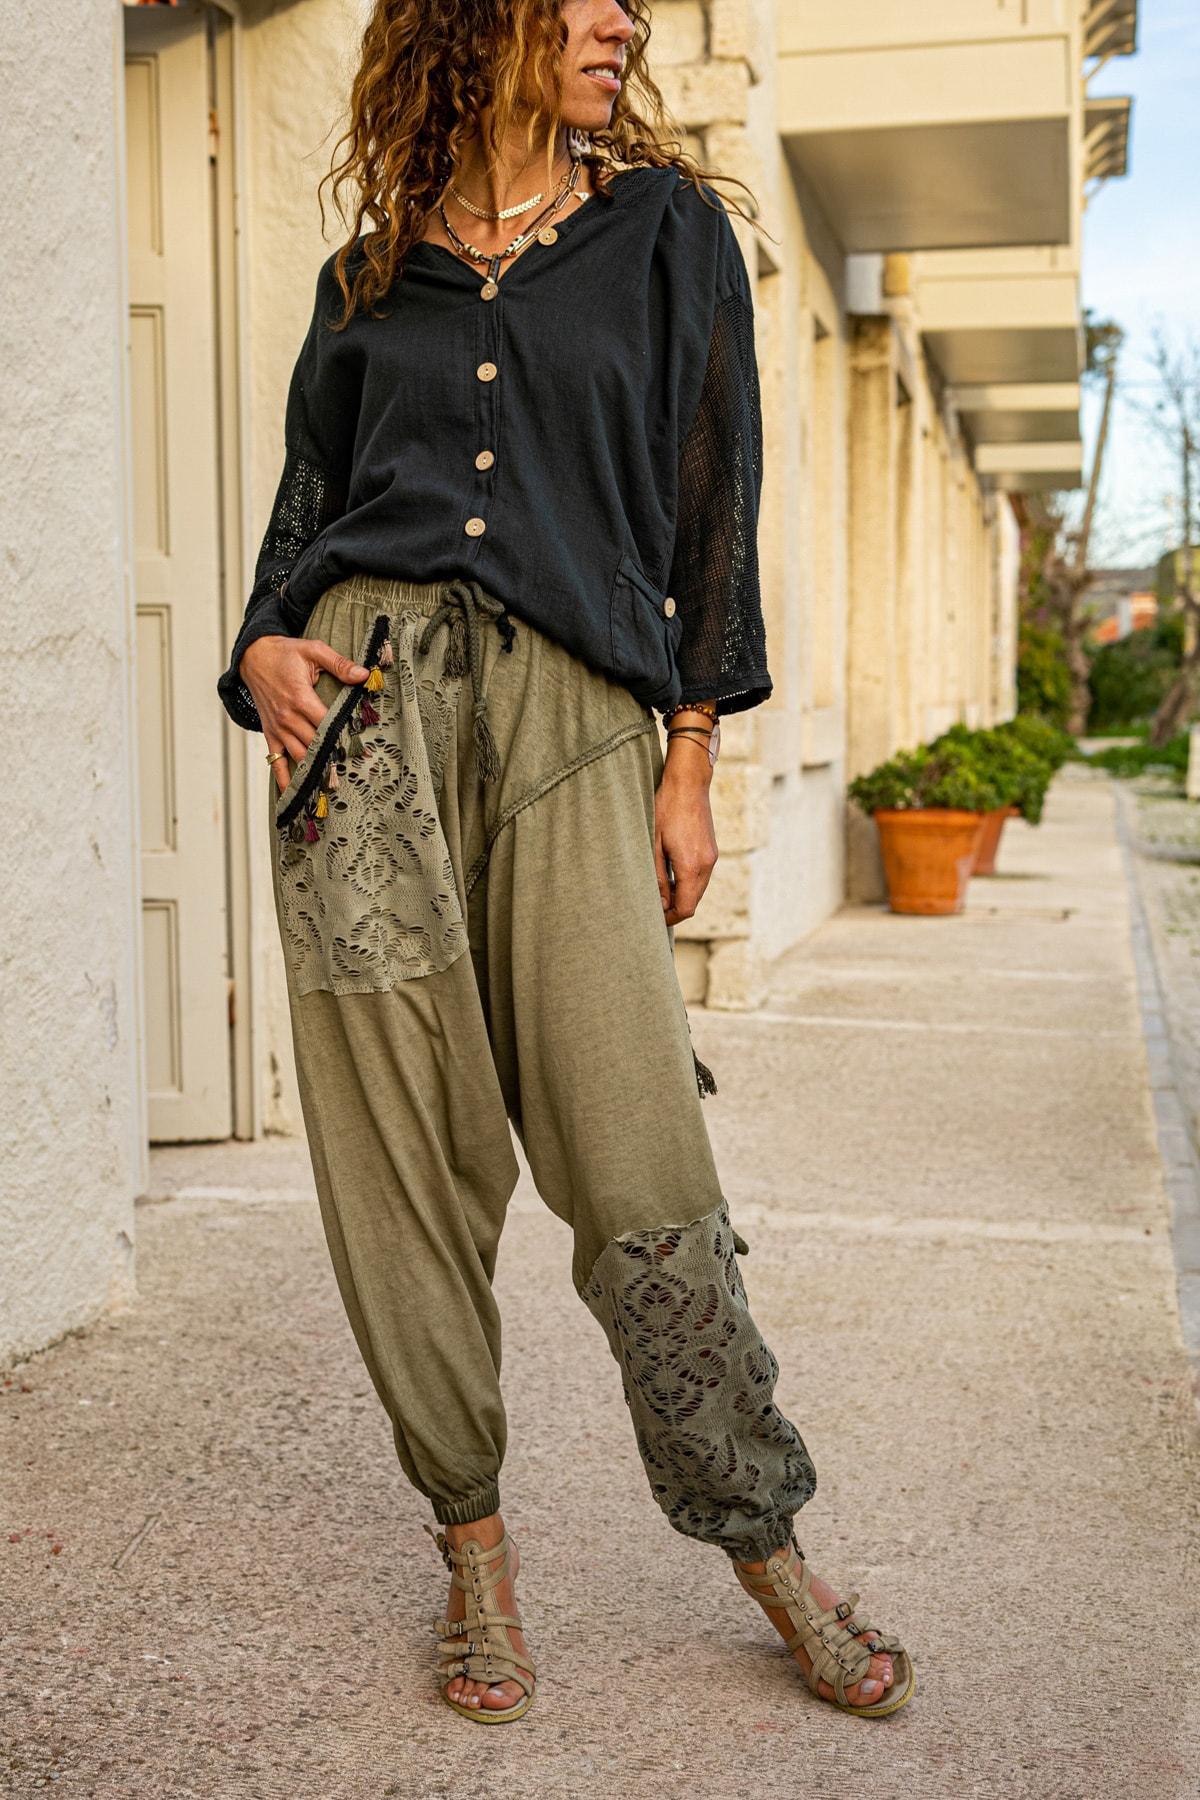 Güneşkızı Kadın Haki Yıkamalı Püsküllü Ajur Detaylı Şalvar Pantolon GK-RSD2024 0